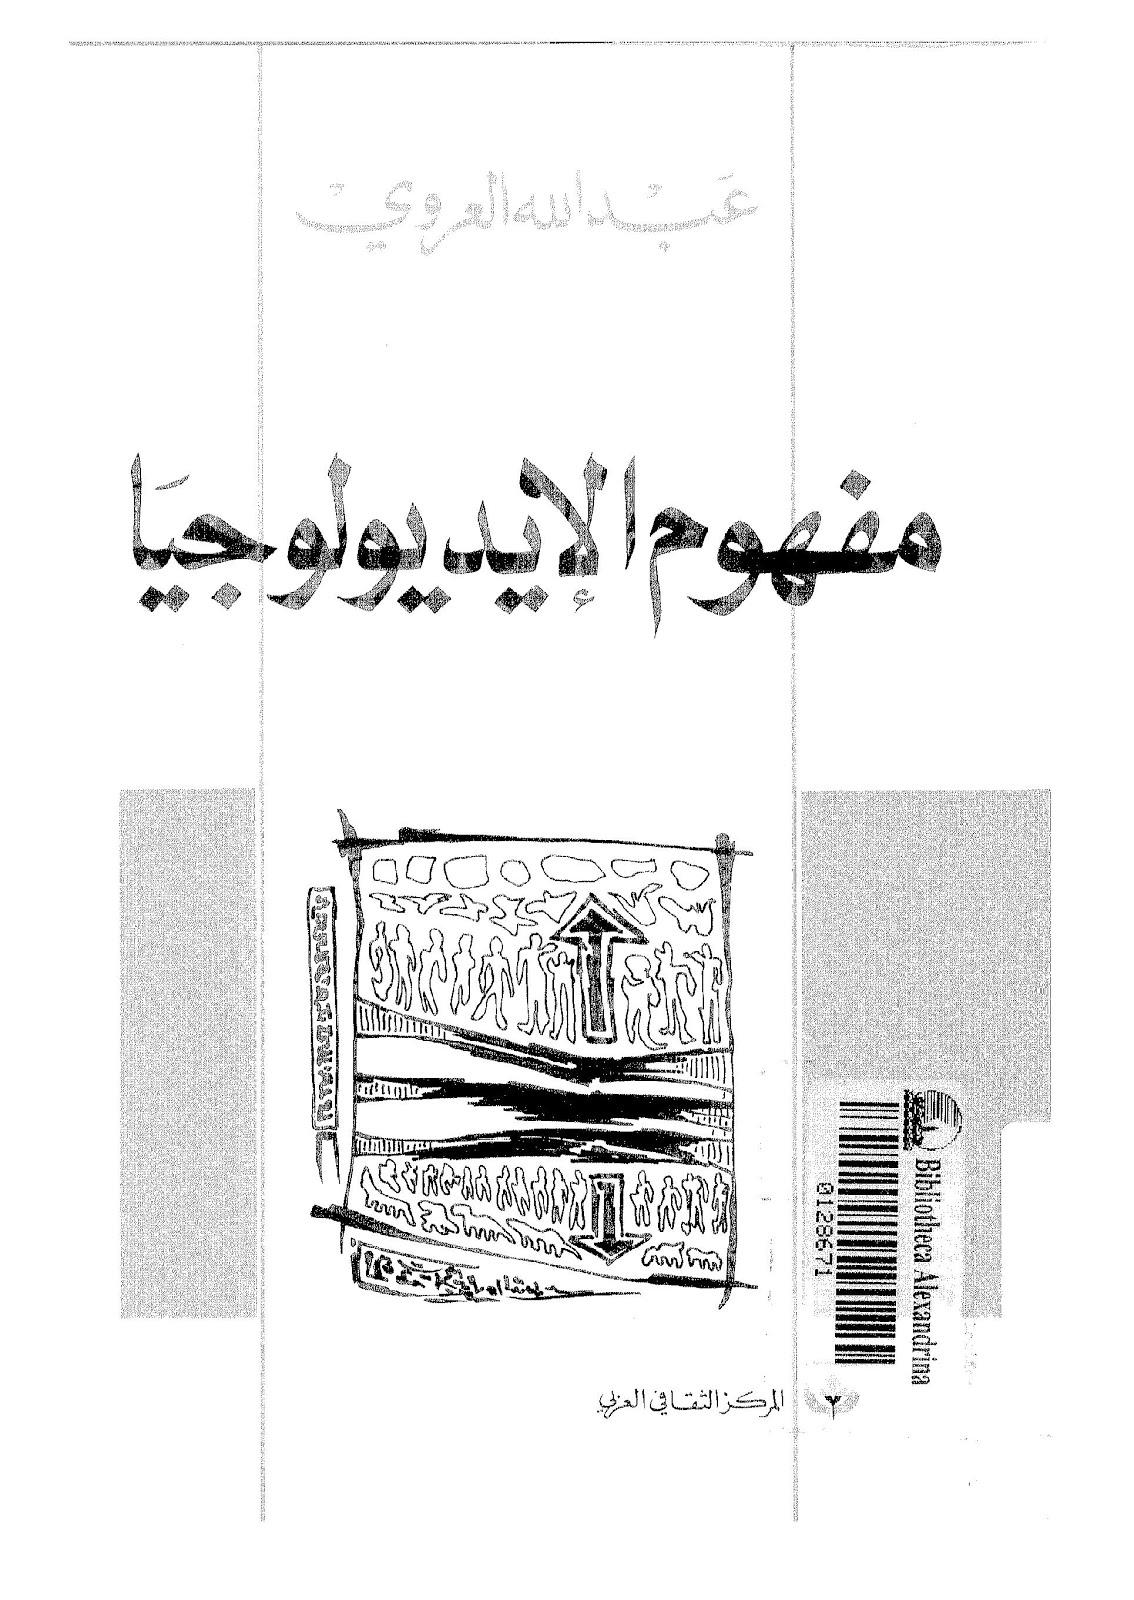 تحميل كتاب مفهوم الايديولوجيا عبد الله العروي pdf